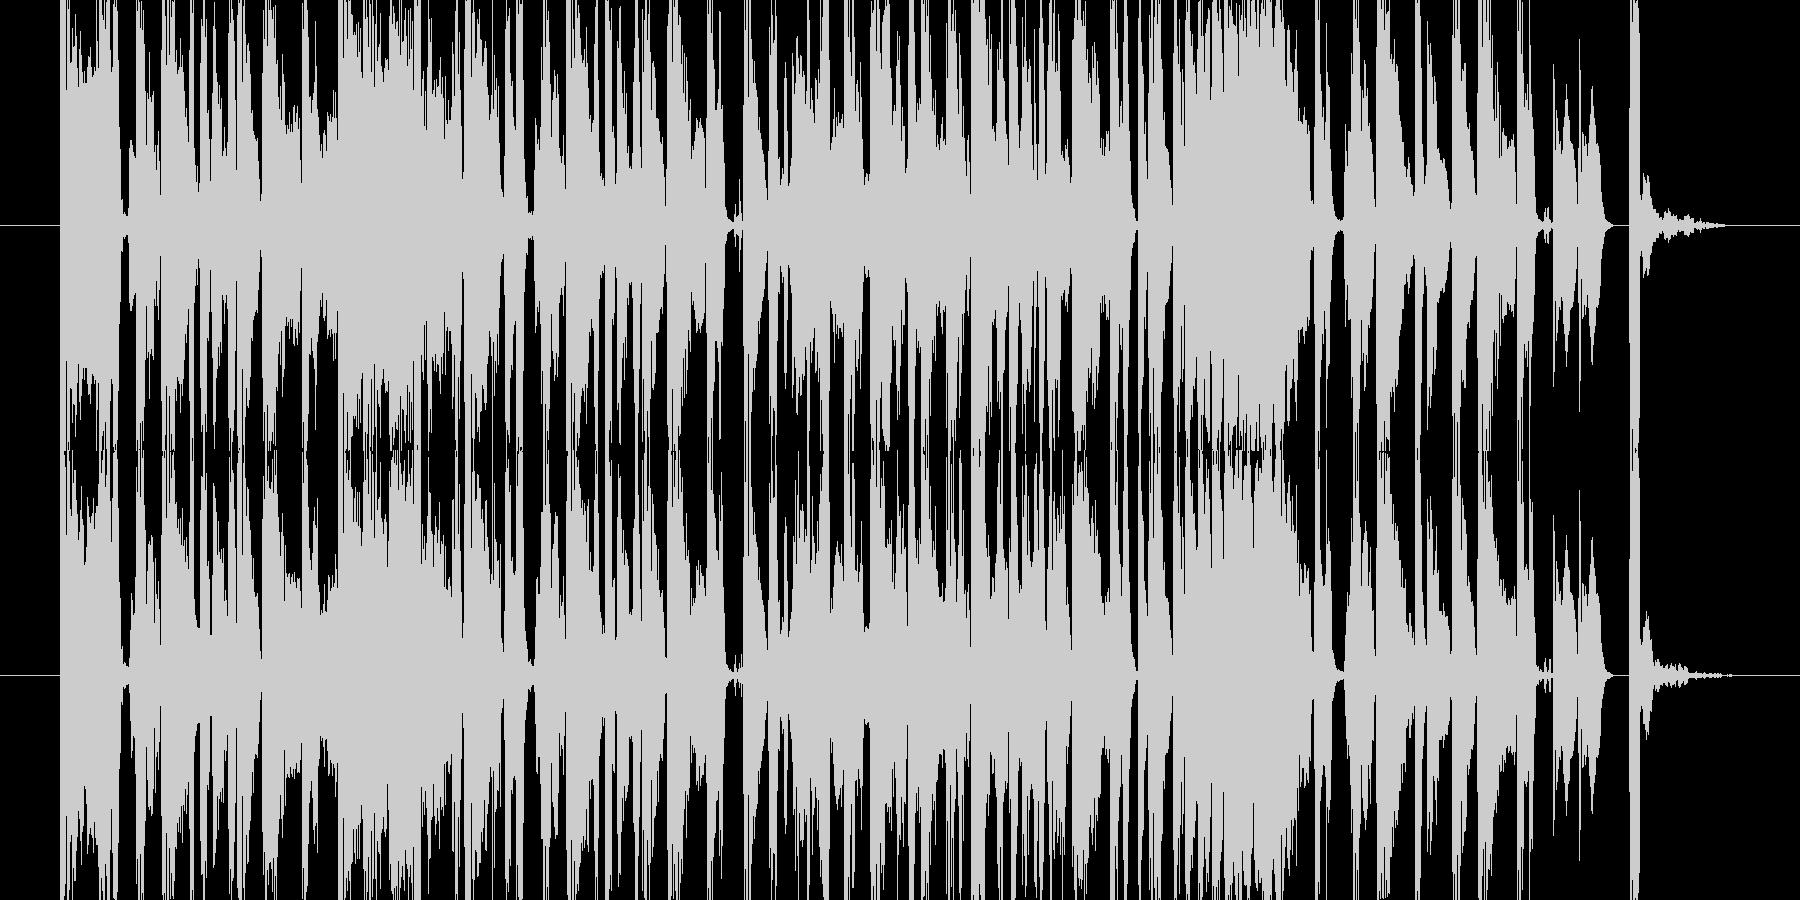 15秒CM向け!オシャレで軽快な楽曲!の未再生の波形